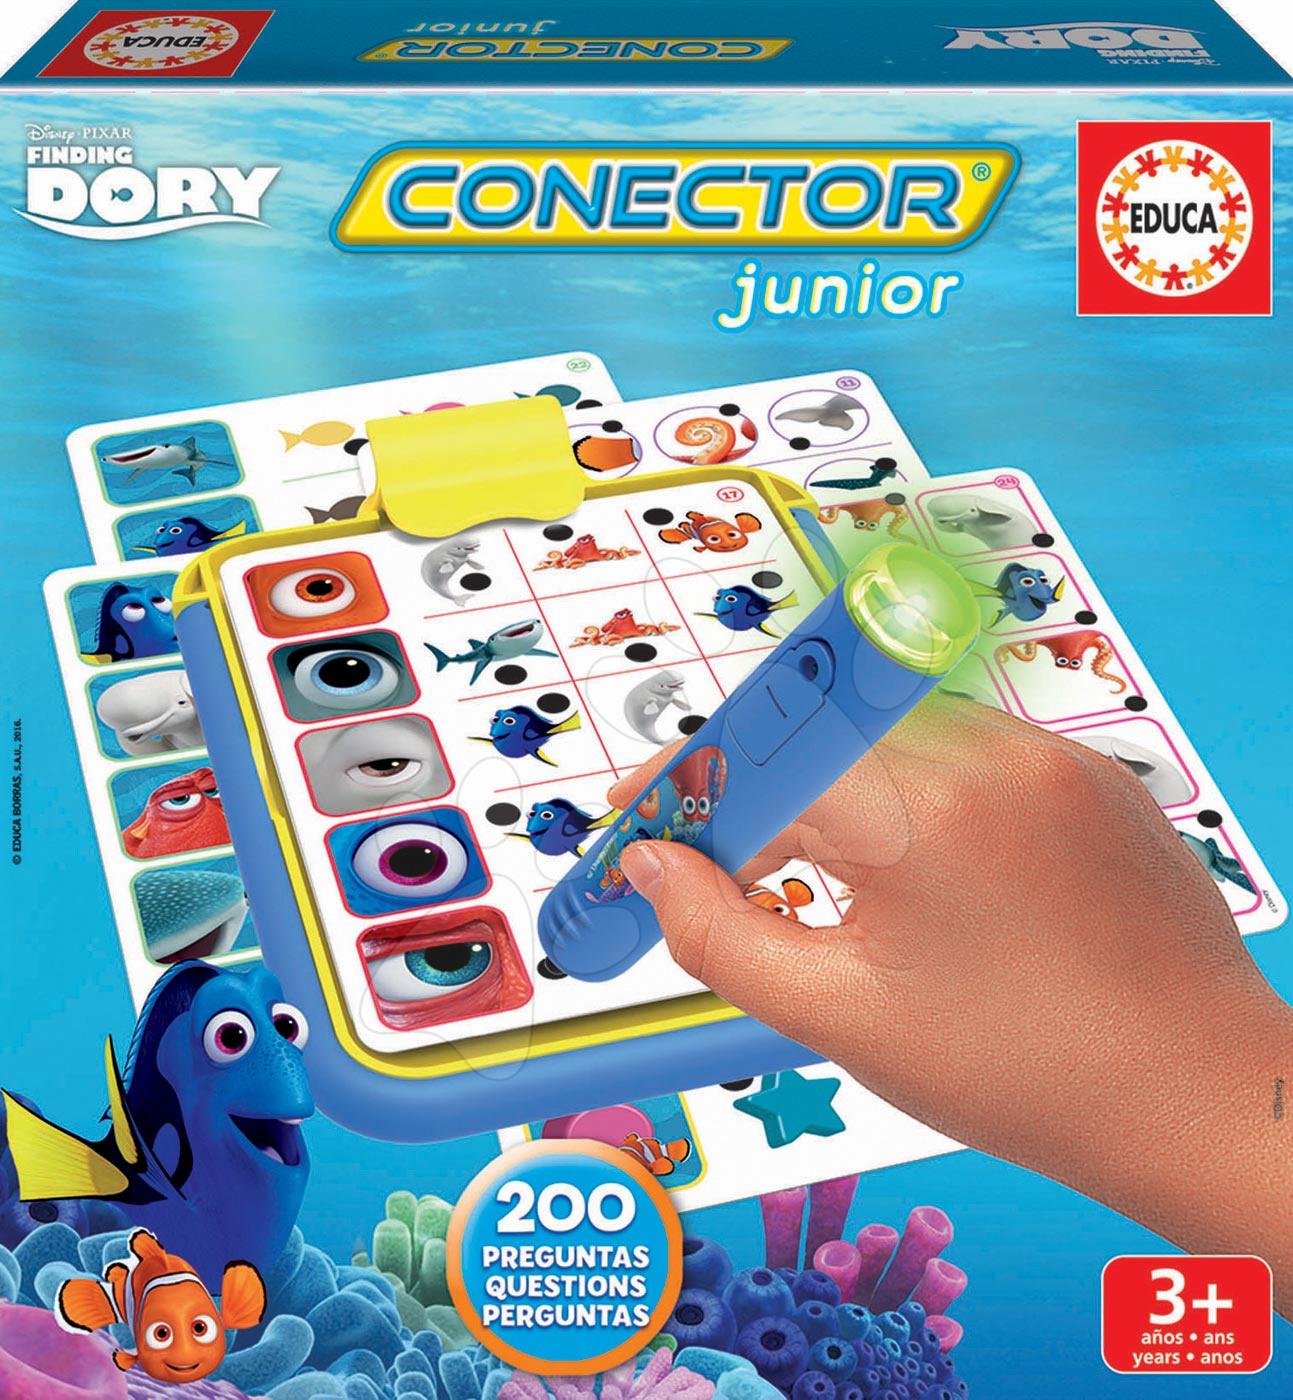 Cudzojazyčné spoločenské hry - Spoločenská hra Hľadá sa Dory Conector junior Educa 40 kariet a 200 otázok s inteligentným perom v angličtine